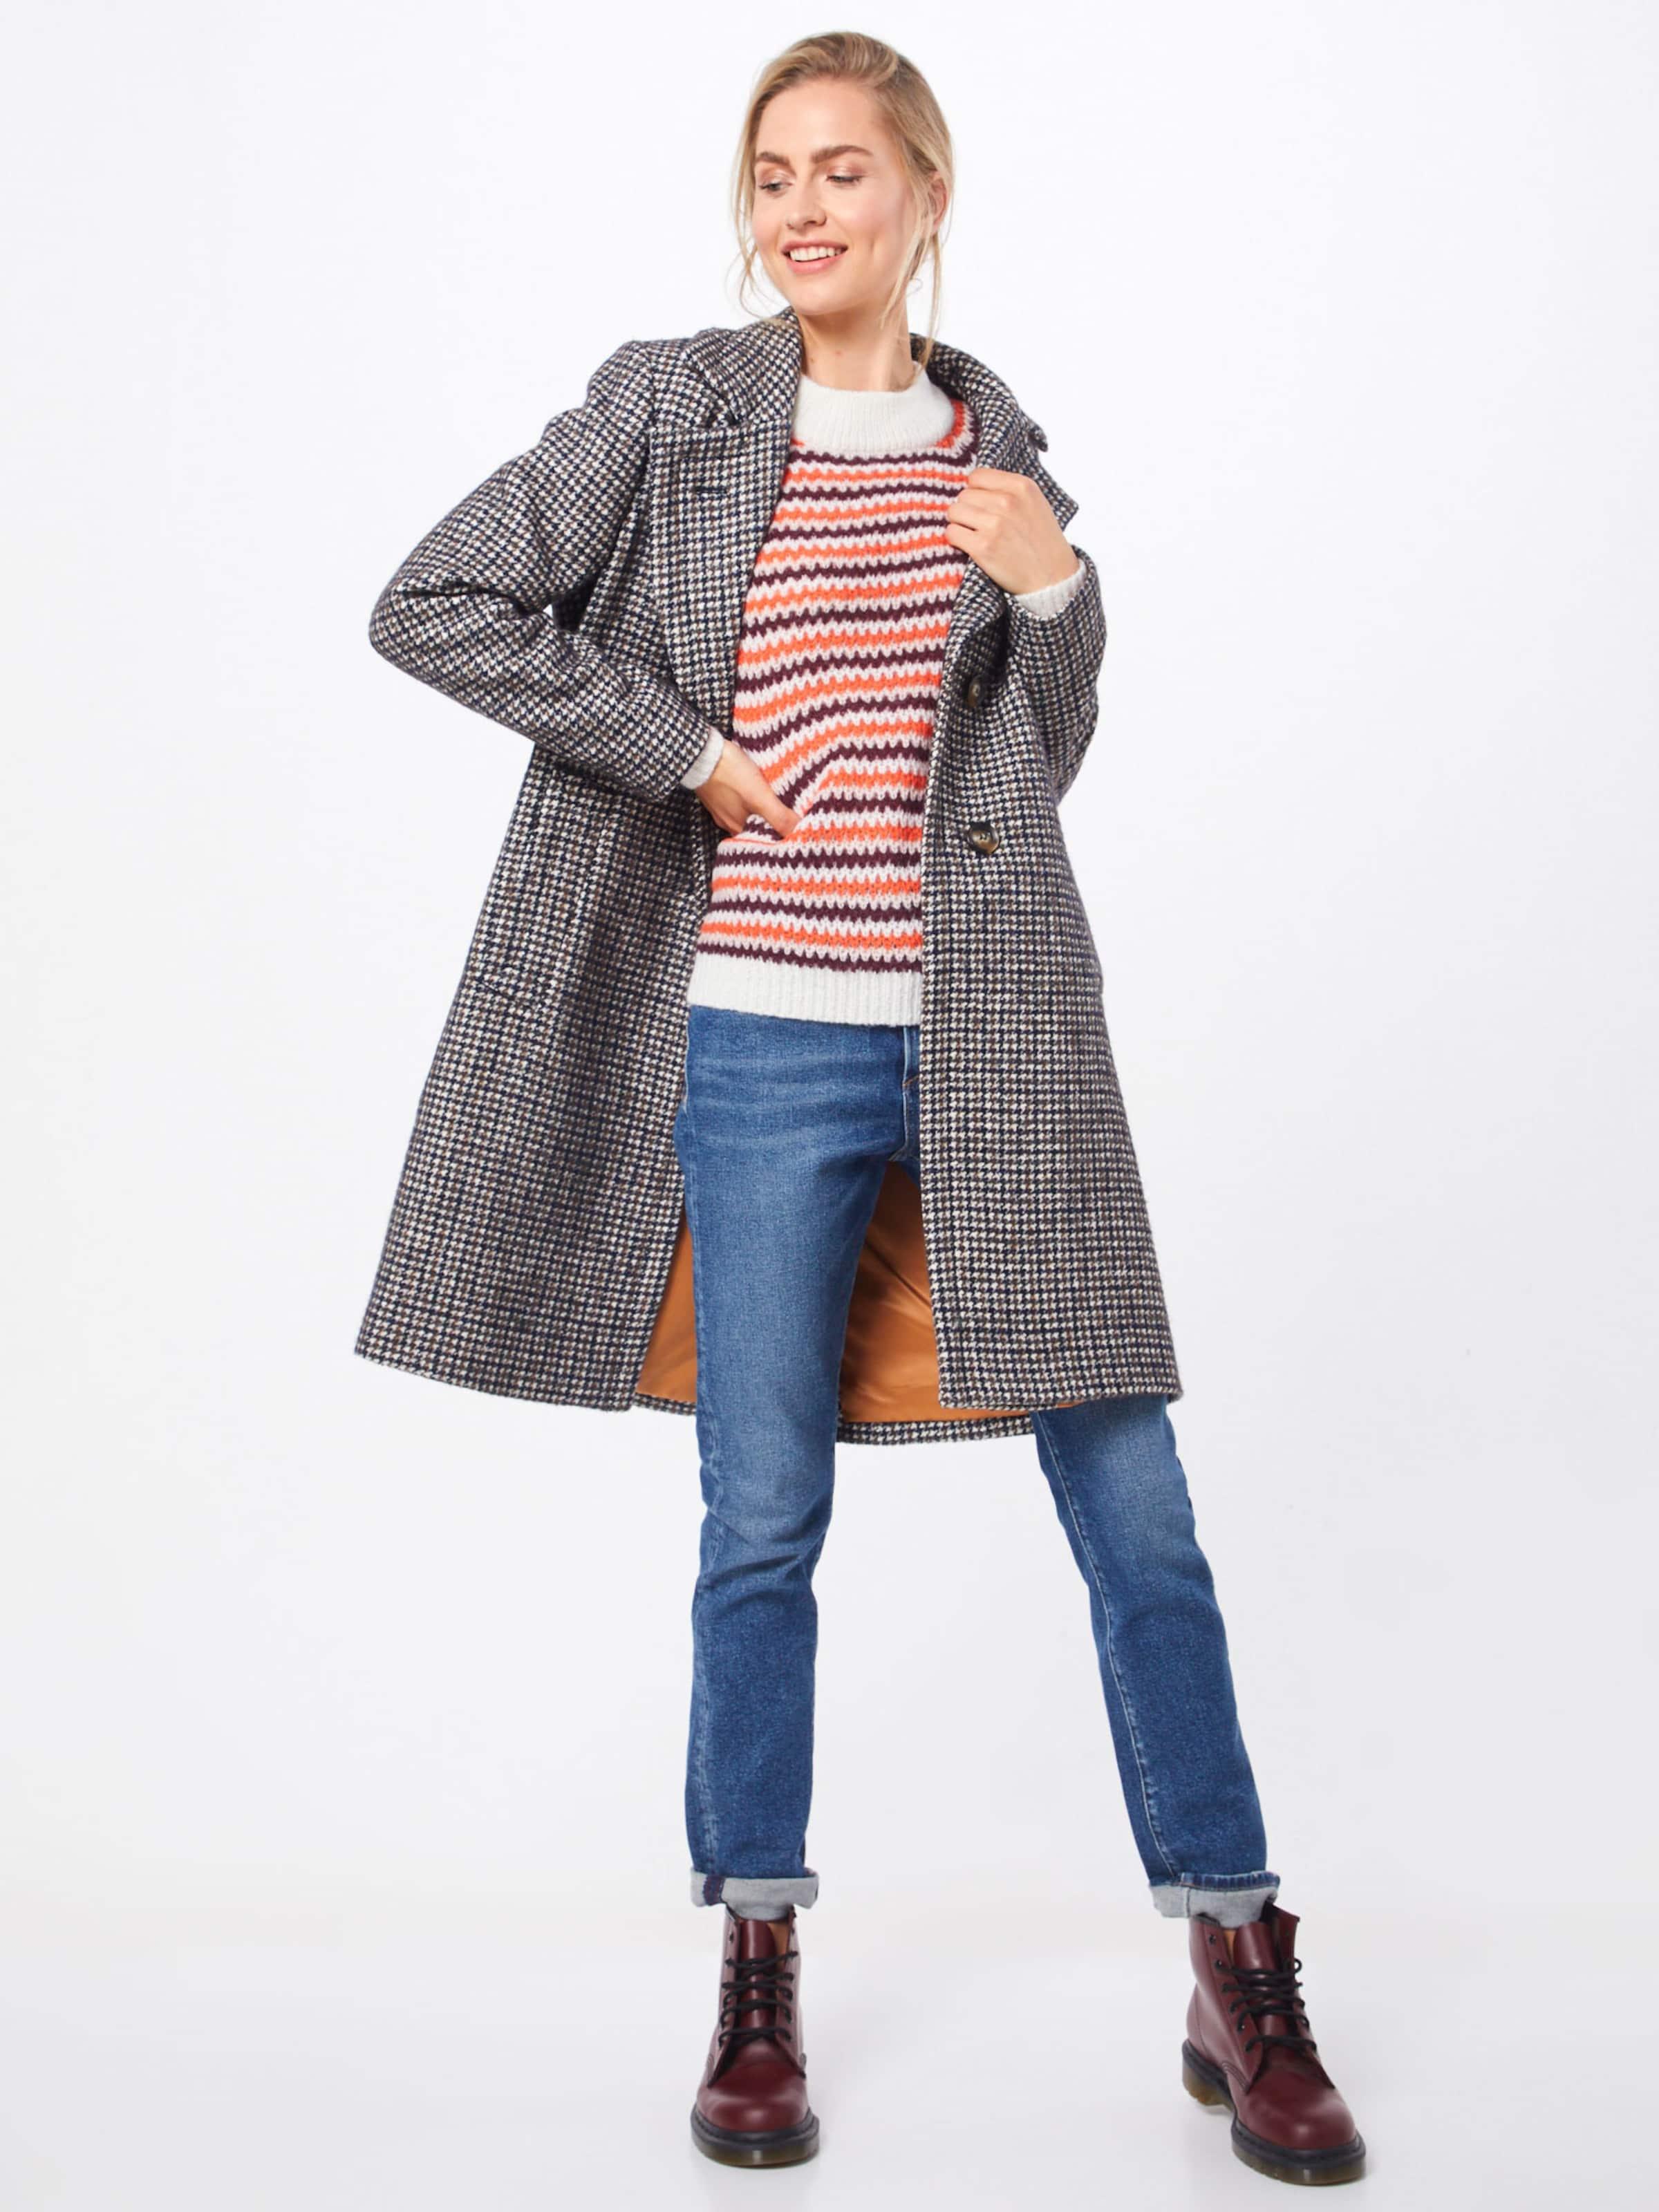 Ichi Ls3' Pullover In RotWeiß 'erica kOXZPuTi